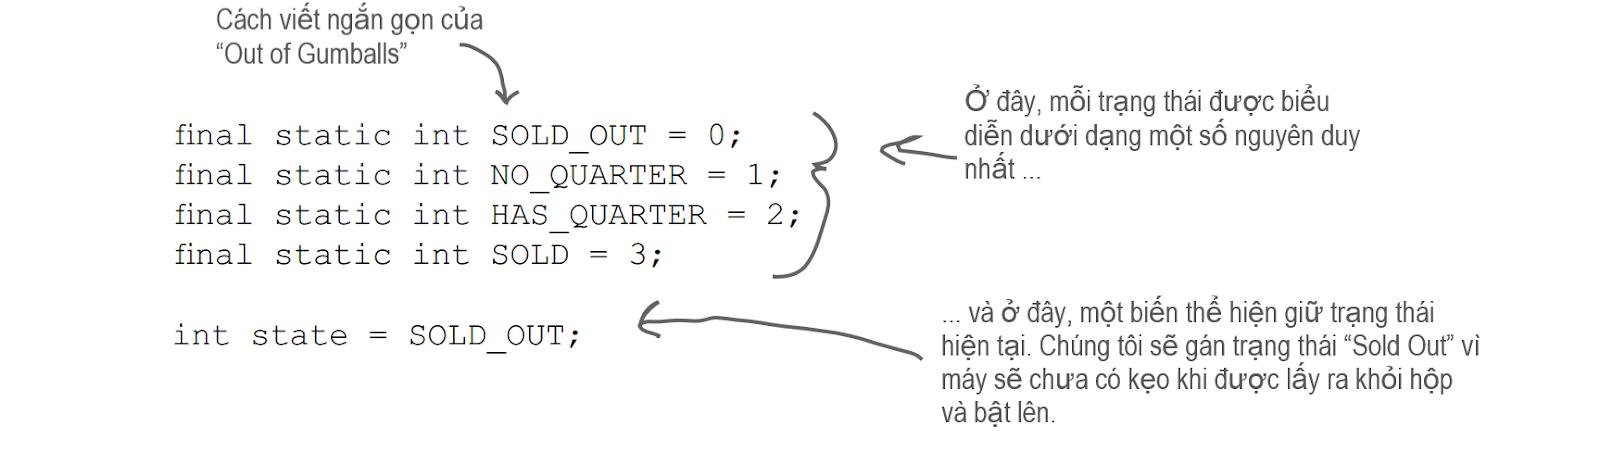 Định nghĩa 4 trạng thái